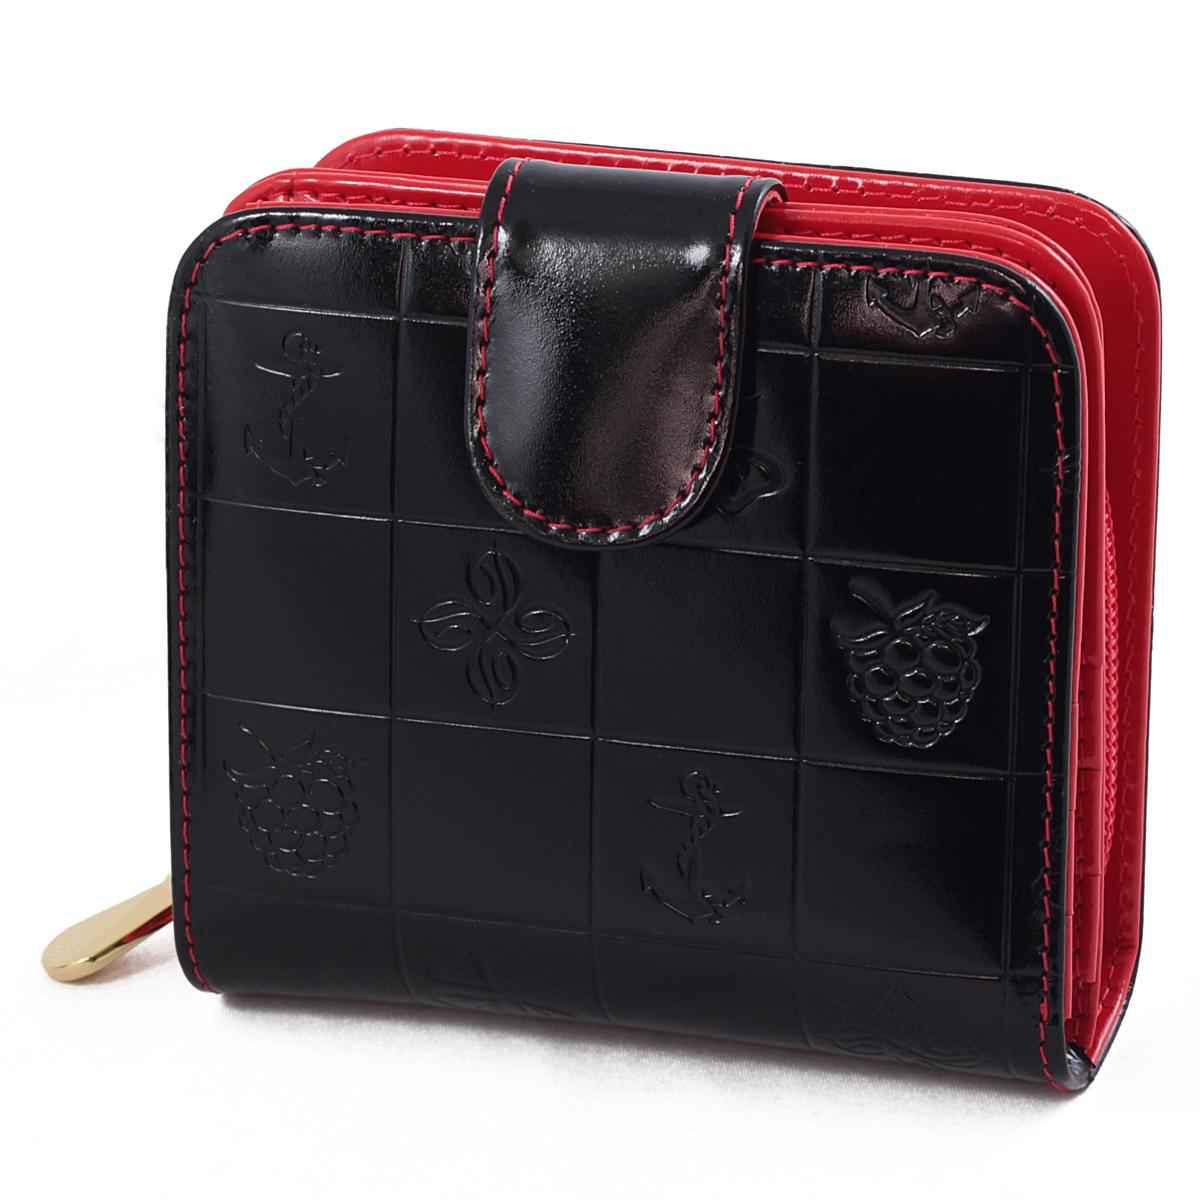 Кошелек женский Dimanche Bonbon, цвет: черный, красный. 295295Женский кошелек Bonbon выполнен из натуральной лаковой высококачественной кожи с декоративным тиснением. Состоит из двух отделений. В первом, закрывающимся на кнопку, имеется два отделения для купюр и восемь кармашков для кредитных карт. Второе отделение для мелочи закрывается на молнию, внутри имеется перегородка. Кошелек упакован в фирменную картонную коробку.